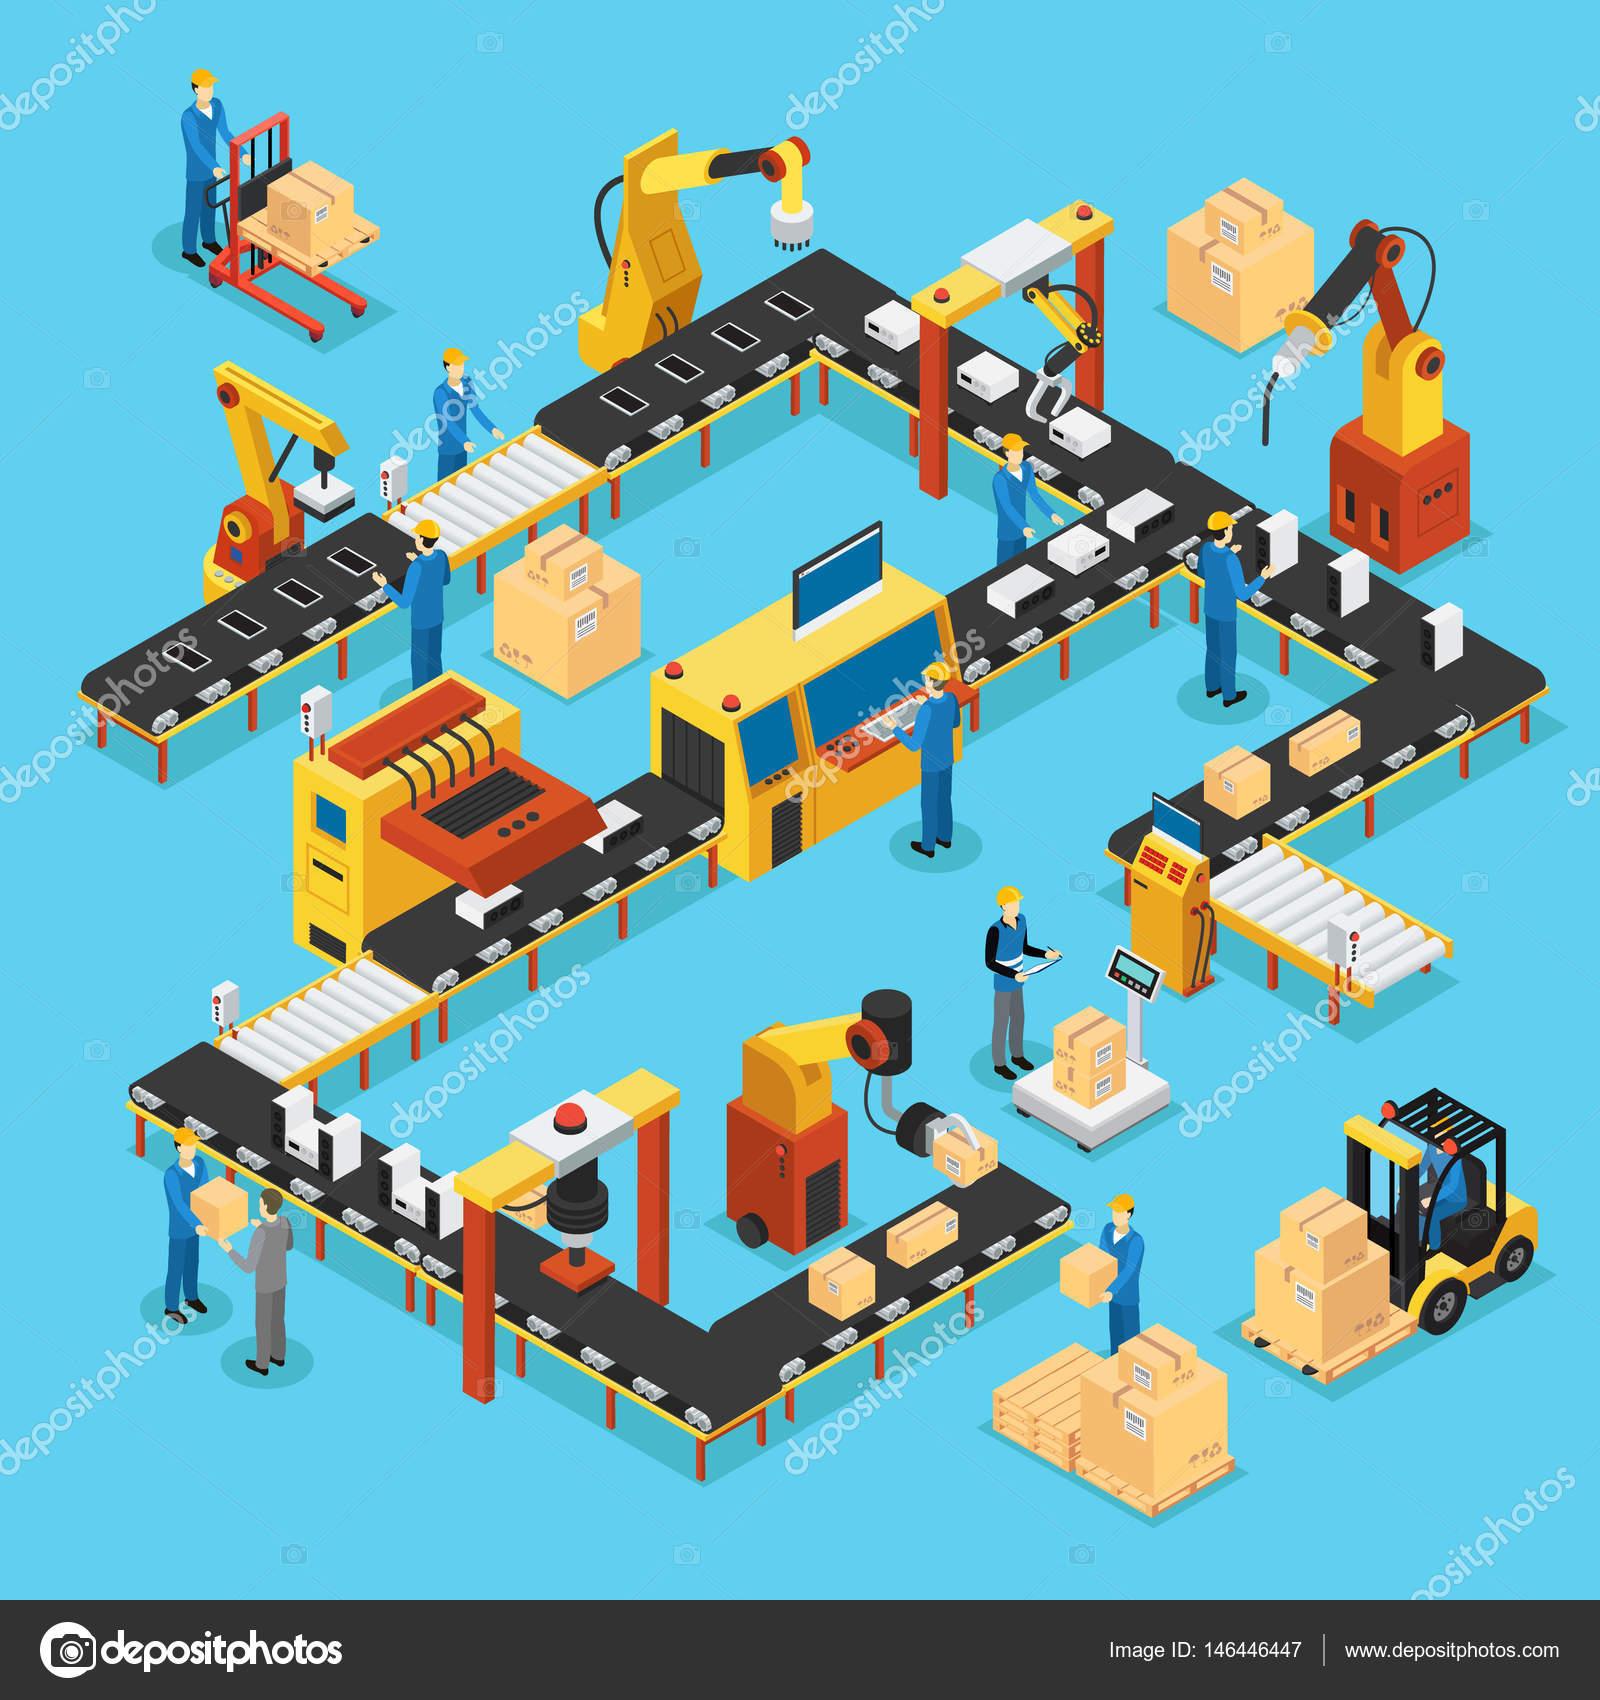 Ligne de production automatisée isométrique concept avec des gens des bras  robotisés et des processus industriels de fabrication automatique vector ... 36f765469cb